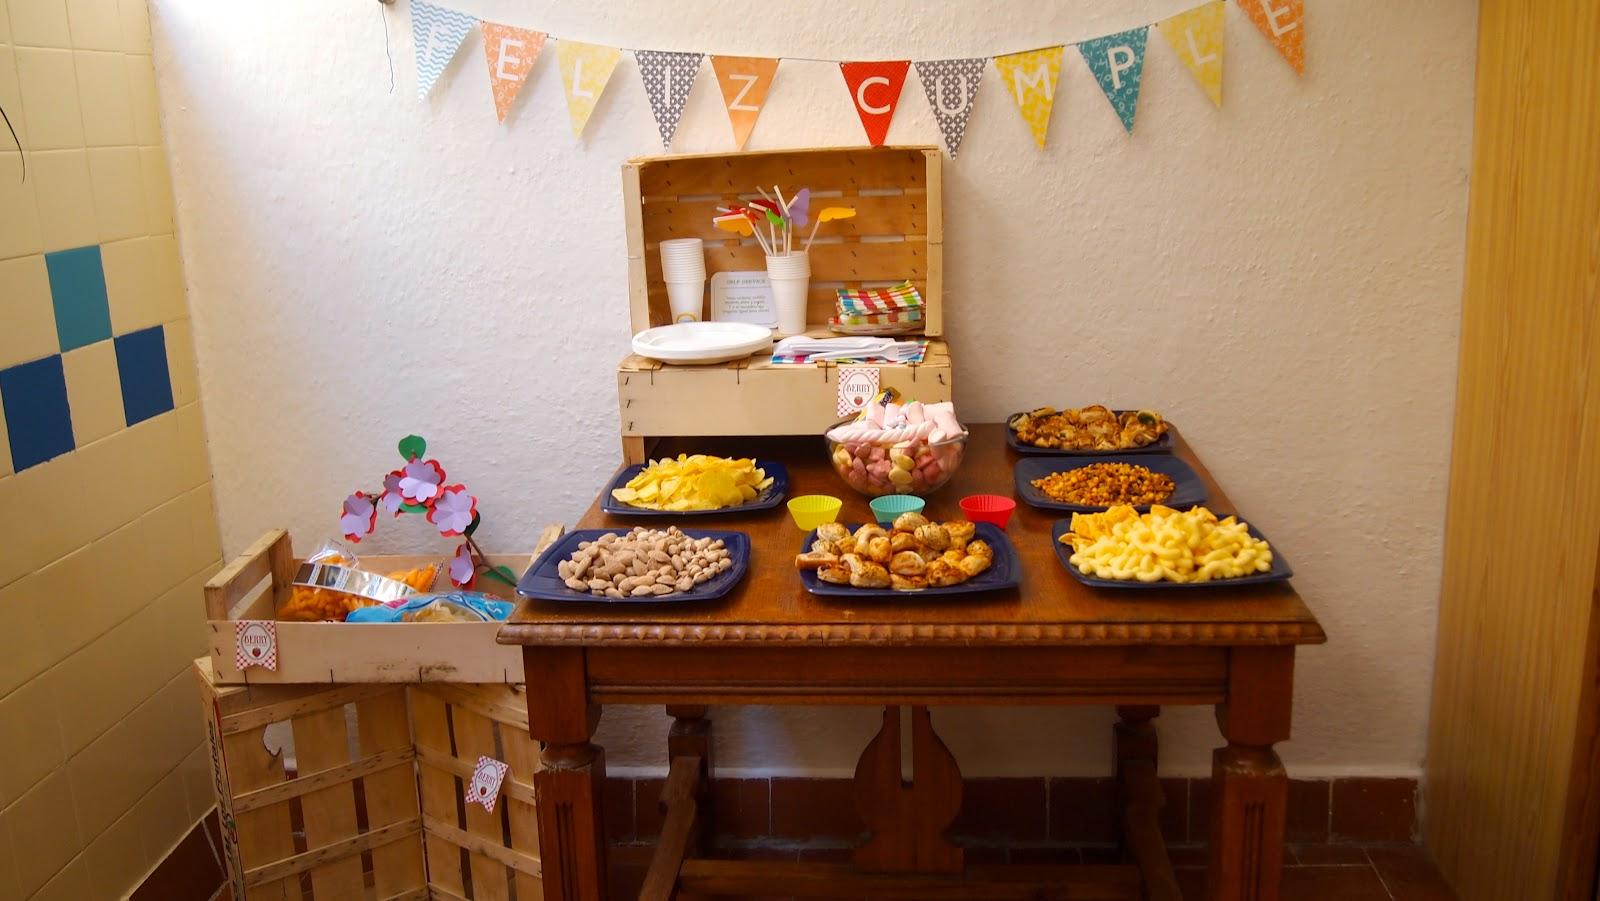 El placer del hacer preparativos cumplea os 3 a itos - Ideas para celebrar mi cumpleanos ...